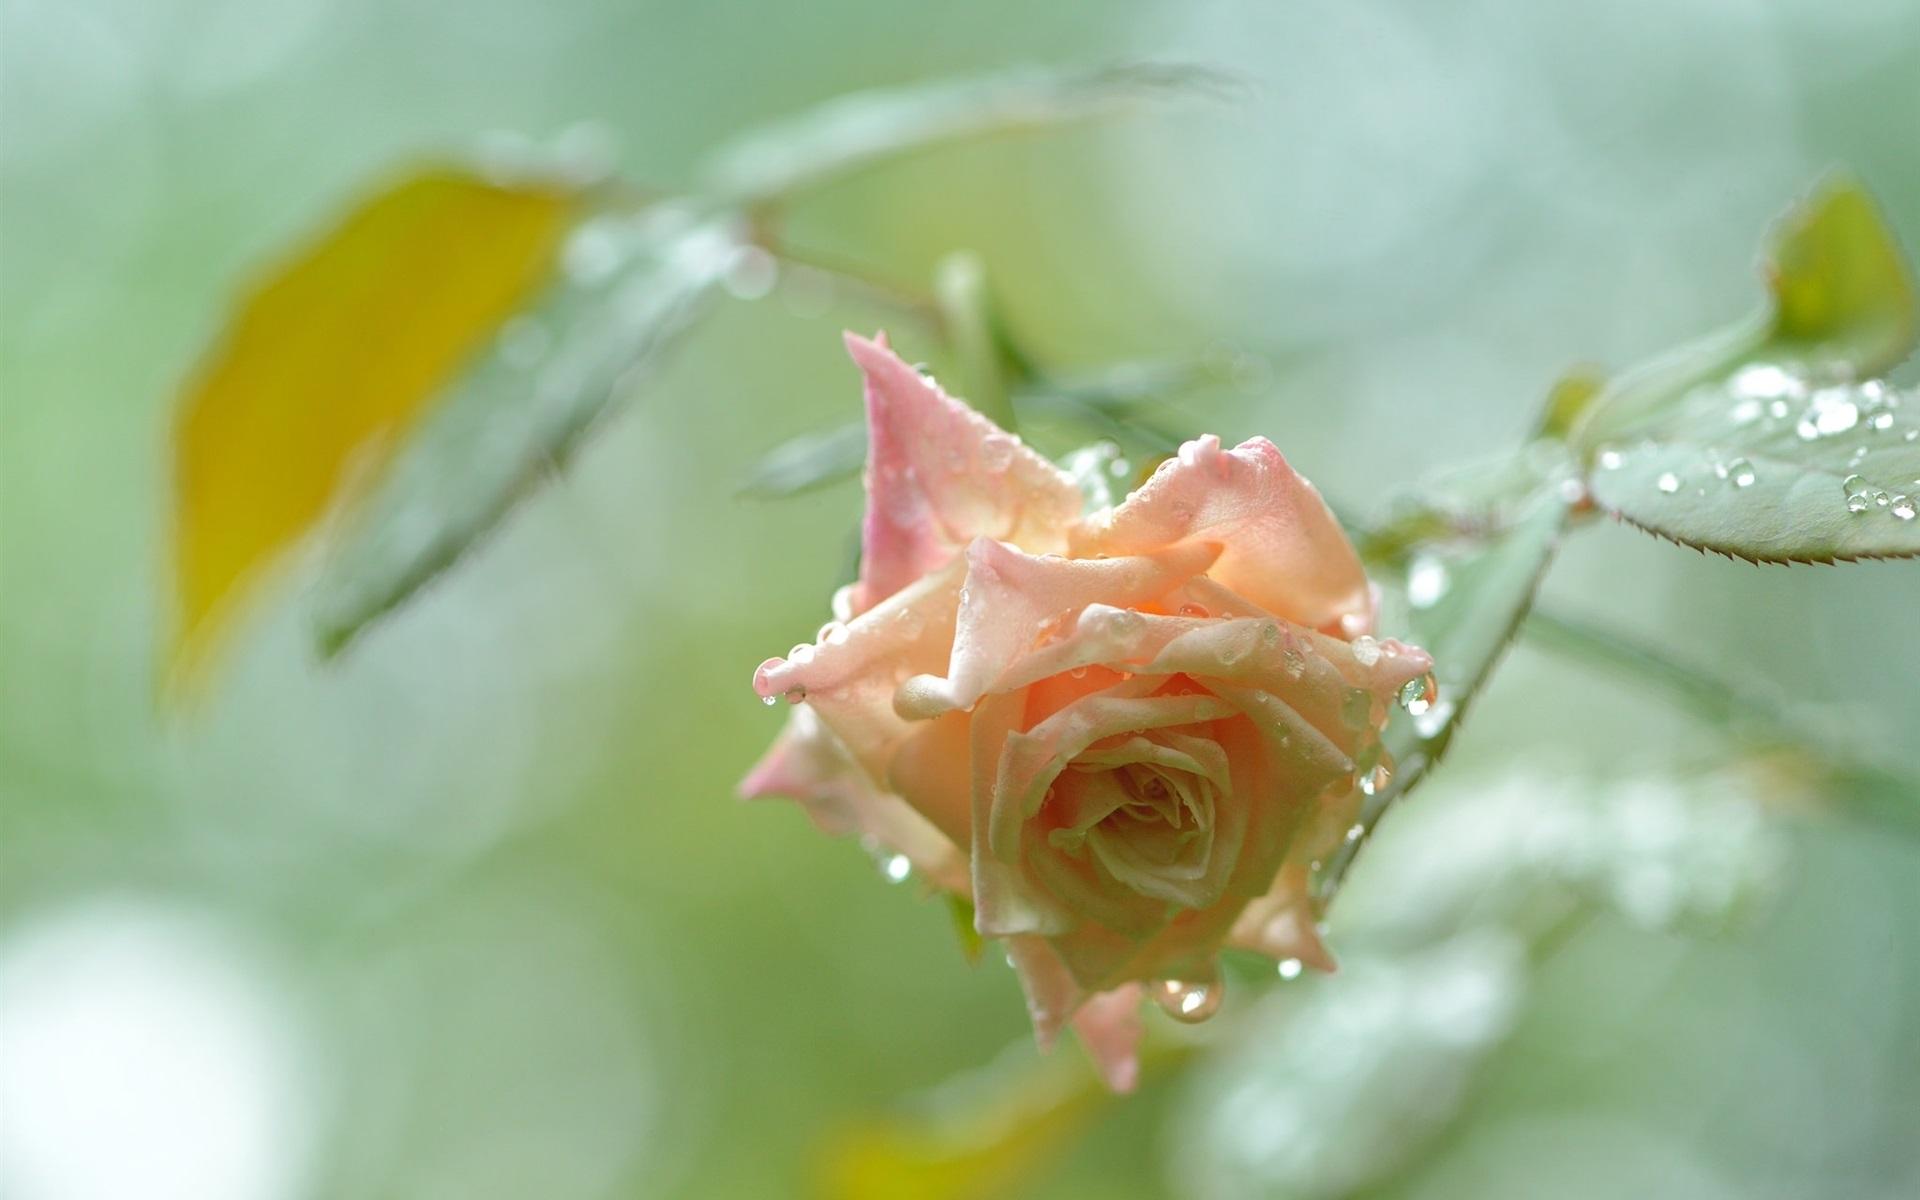 розы,капли,бутоны,зелень  № 759570 бесплатно